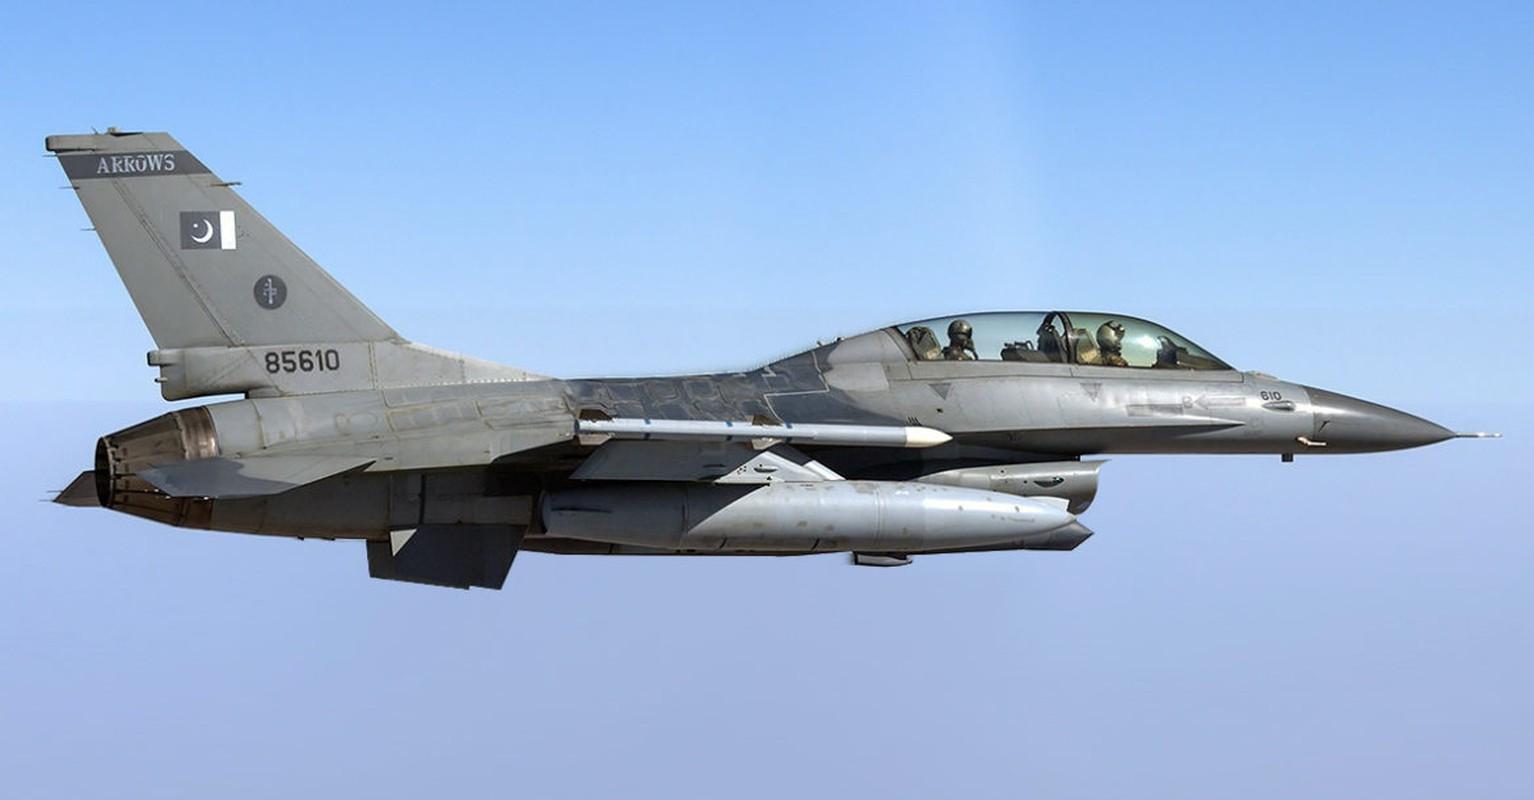 Ly do My quyet khong ban F-15 hay F-35 cho dao Dai Loan?-Hinh-11